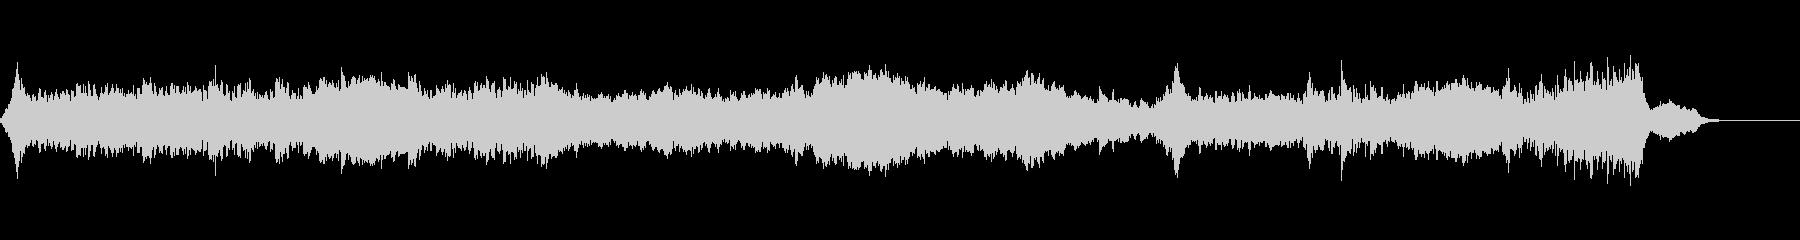 緊張感・緊迫感のあるオーケストラBGMの未再生の波形